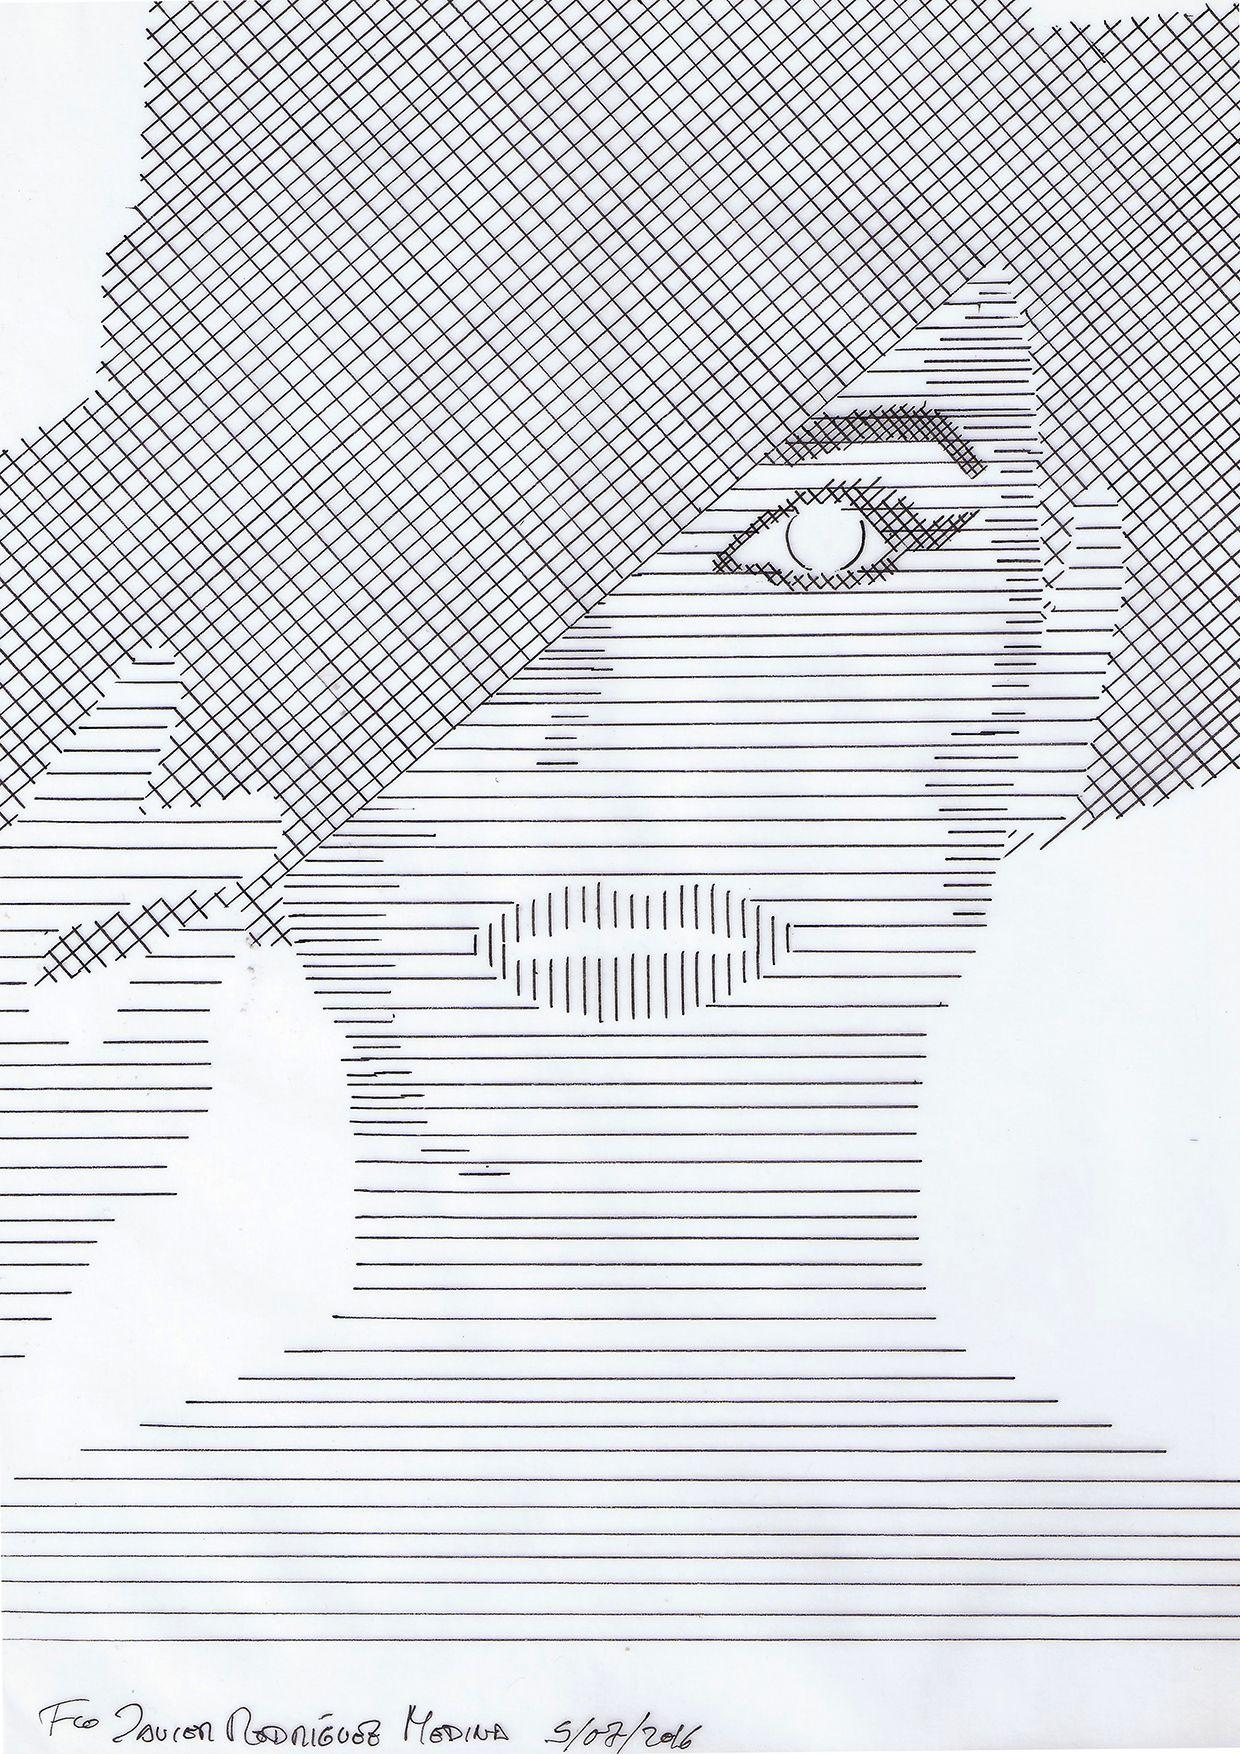 Trama lineal mediante instrumentos de dibujo.] Composición, en base ...